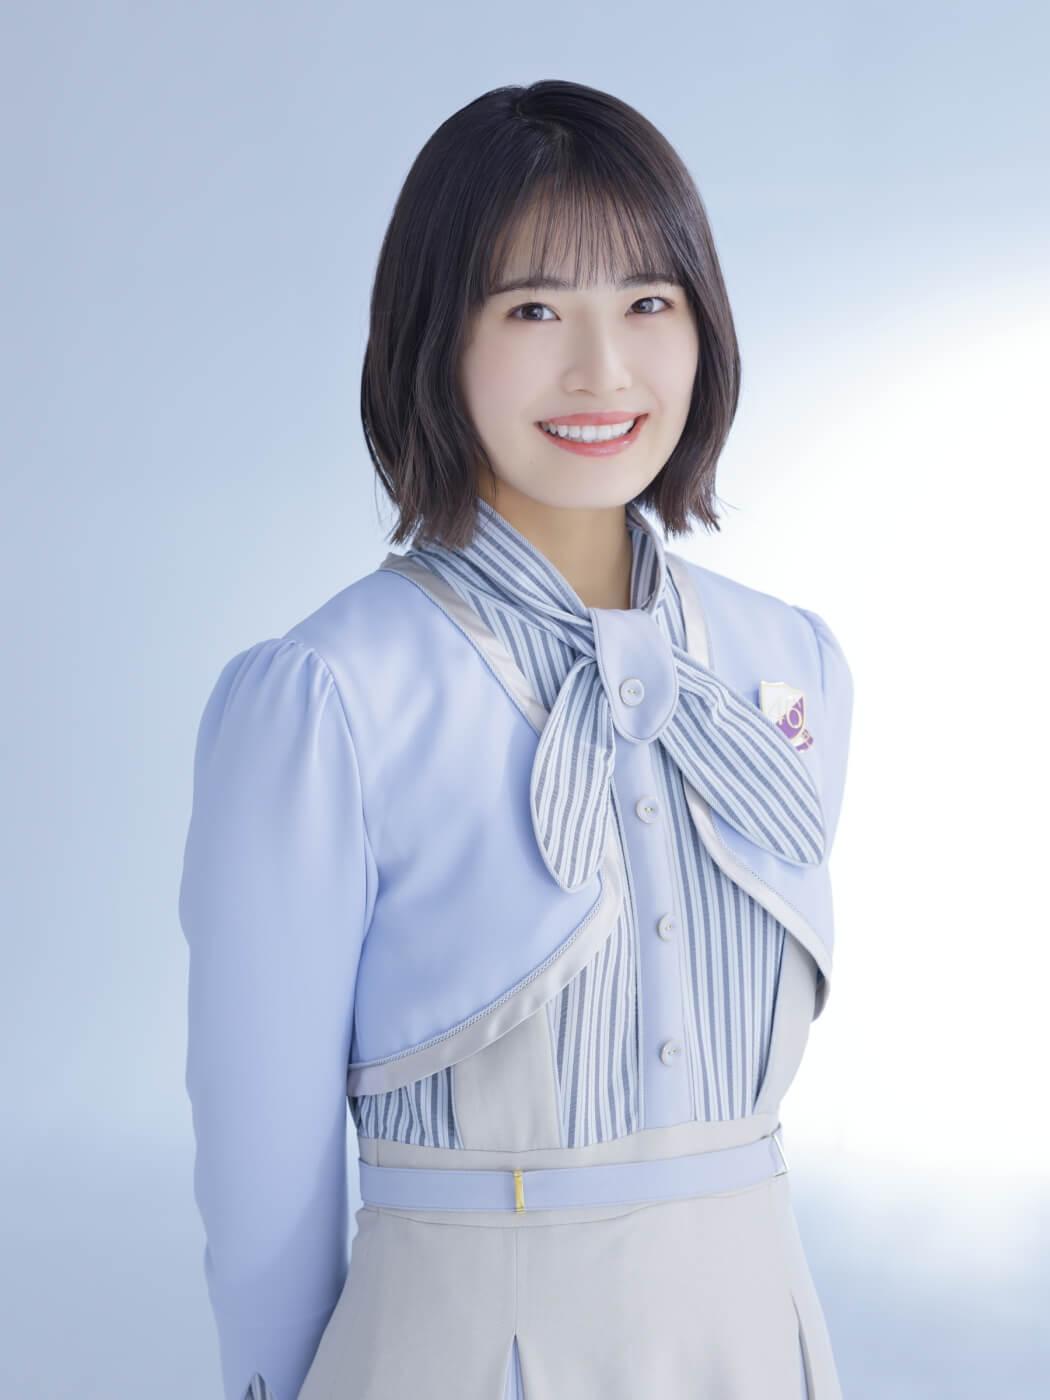 4月18日(日)よる6時から 4期生・清宮レイが登場!